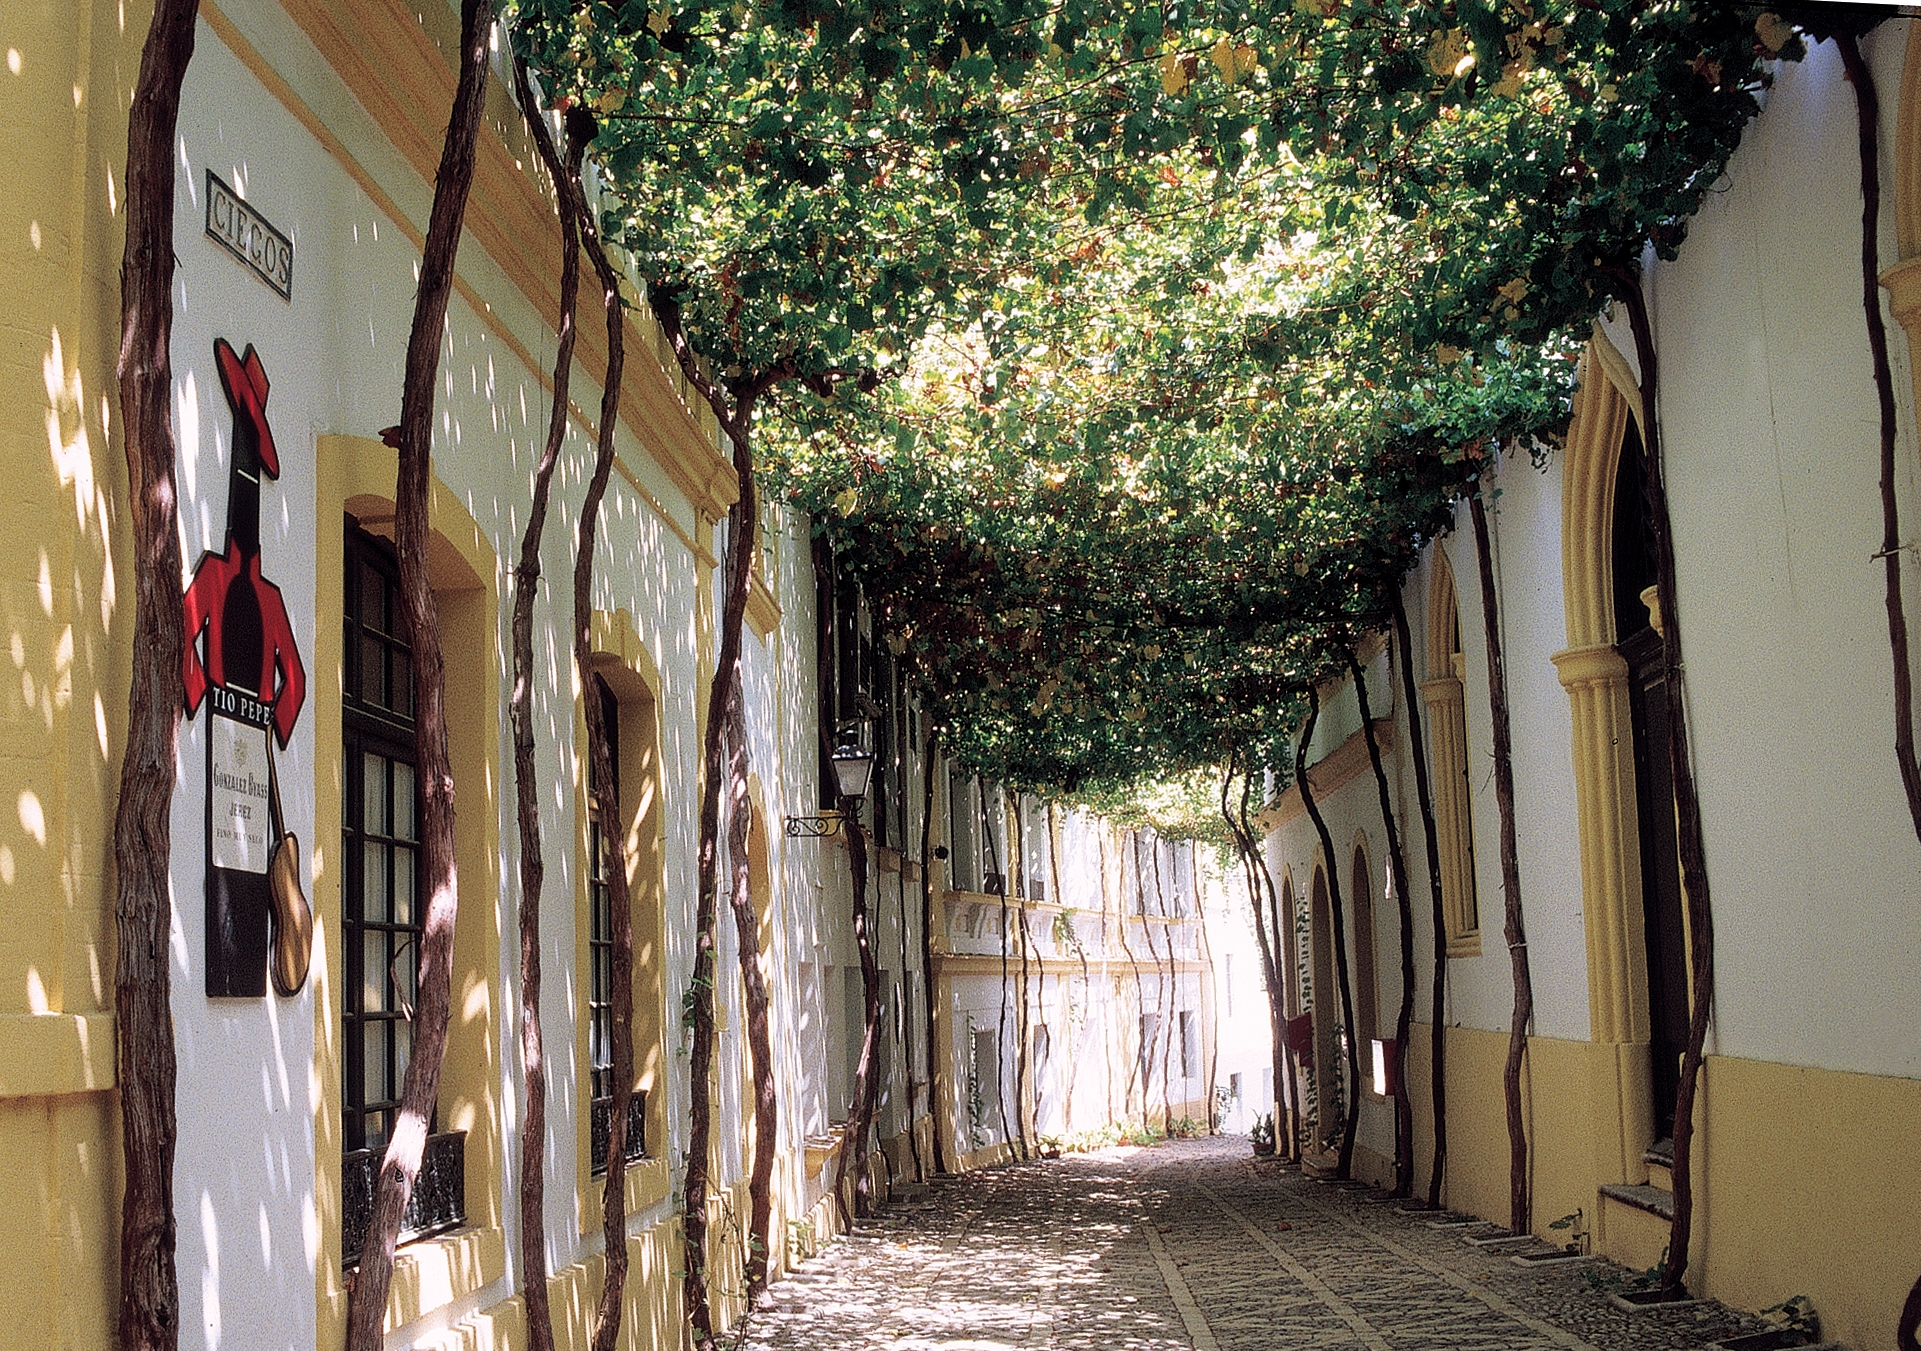 Bodega González Byass Calle Ciegos